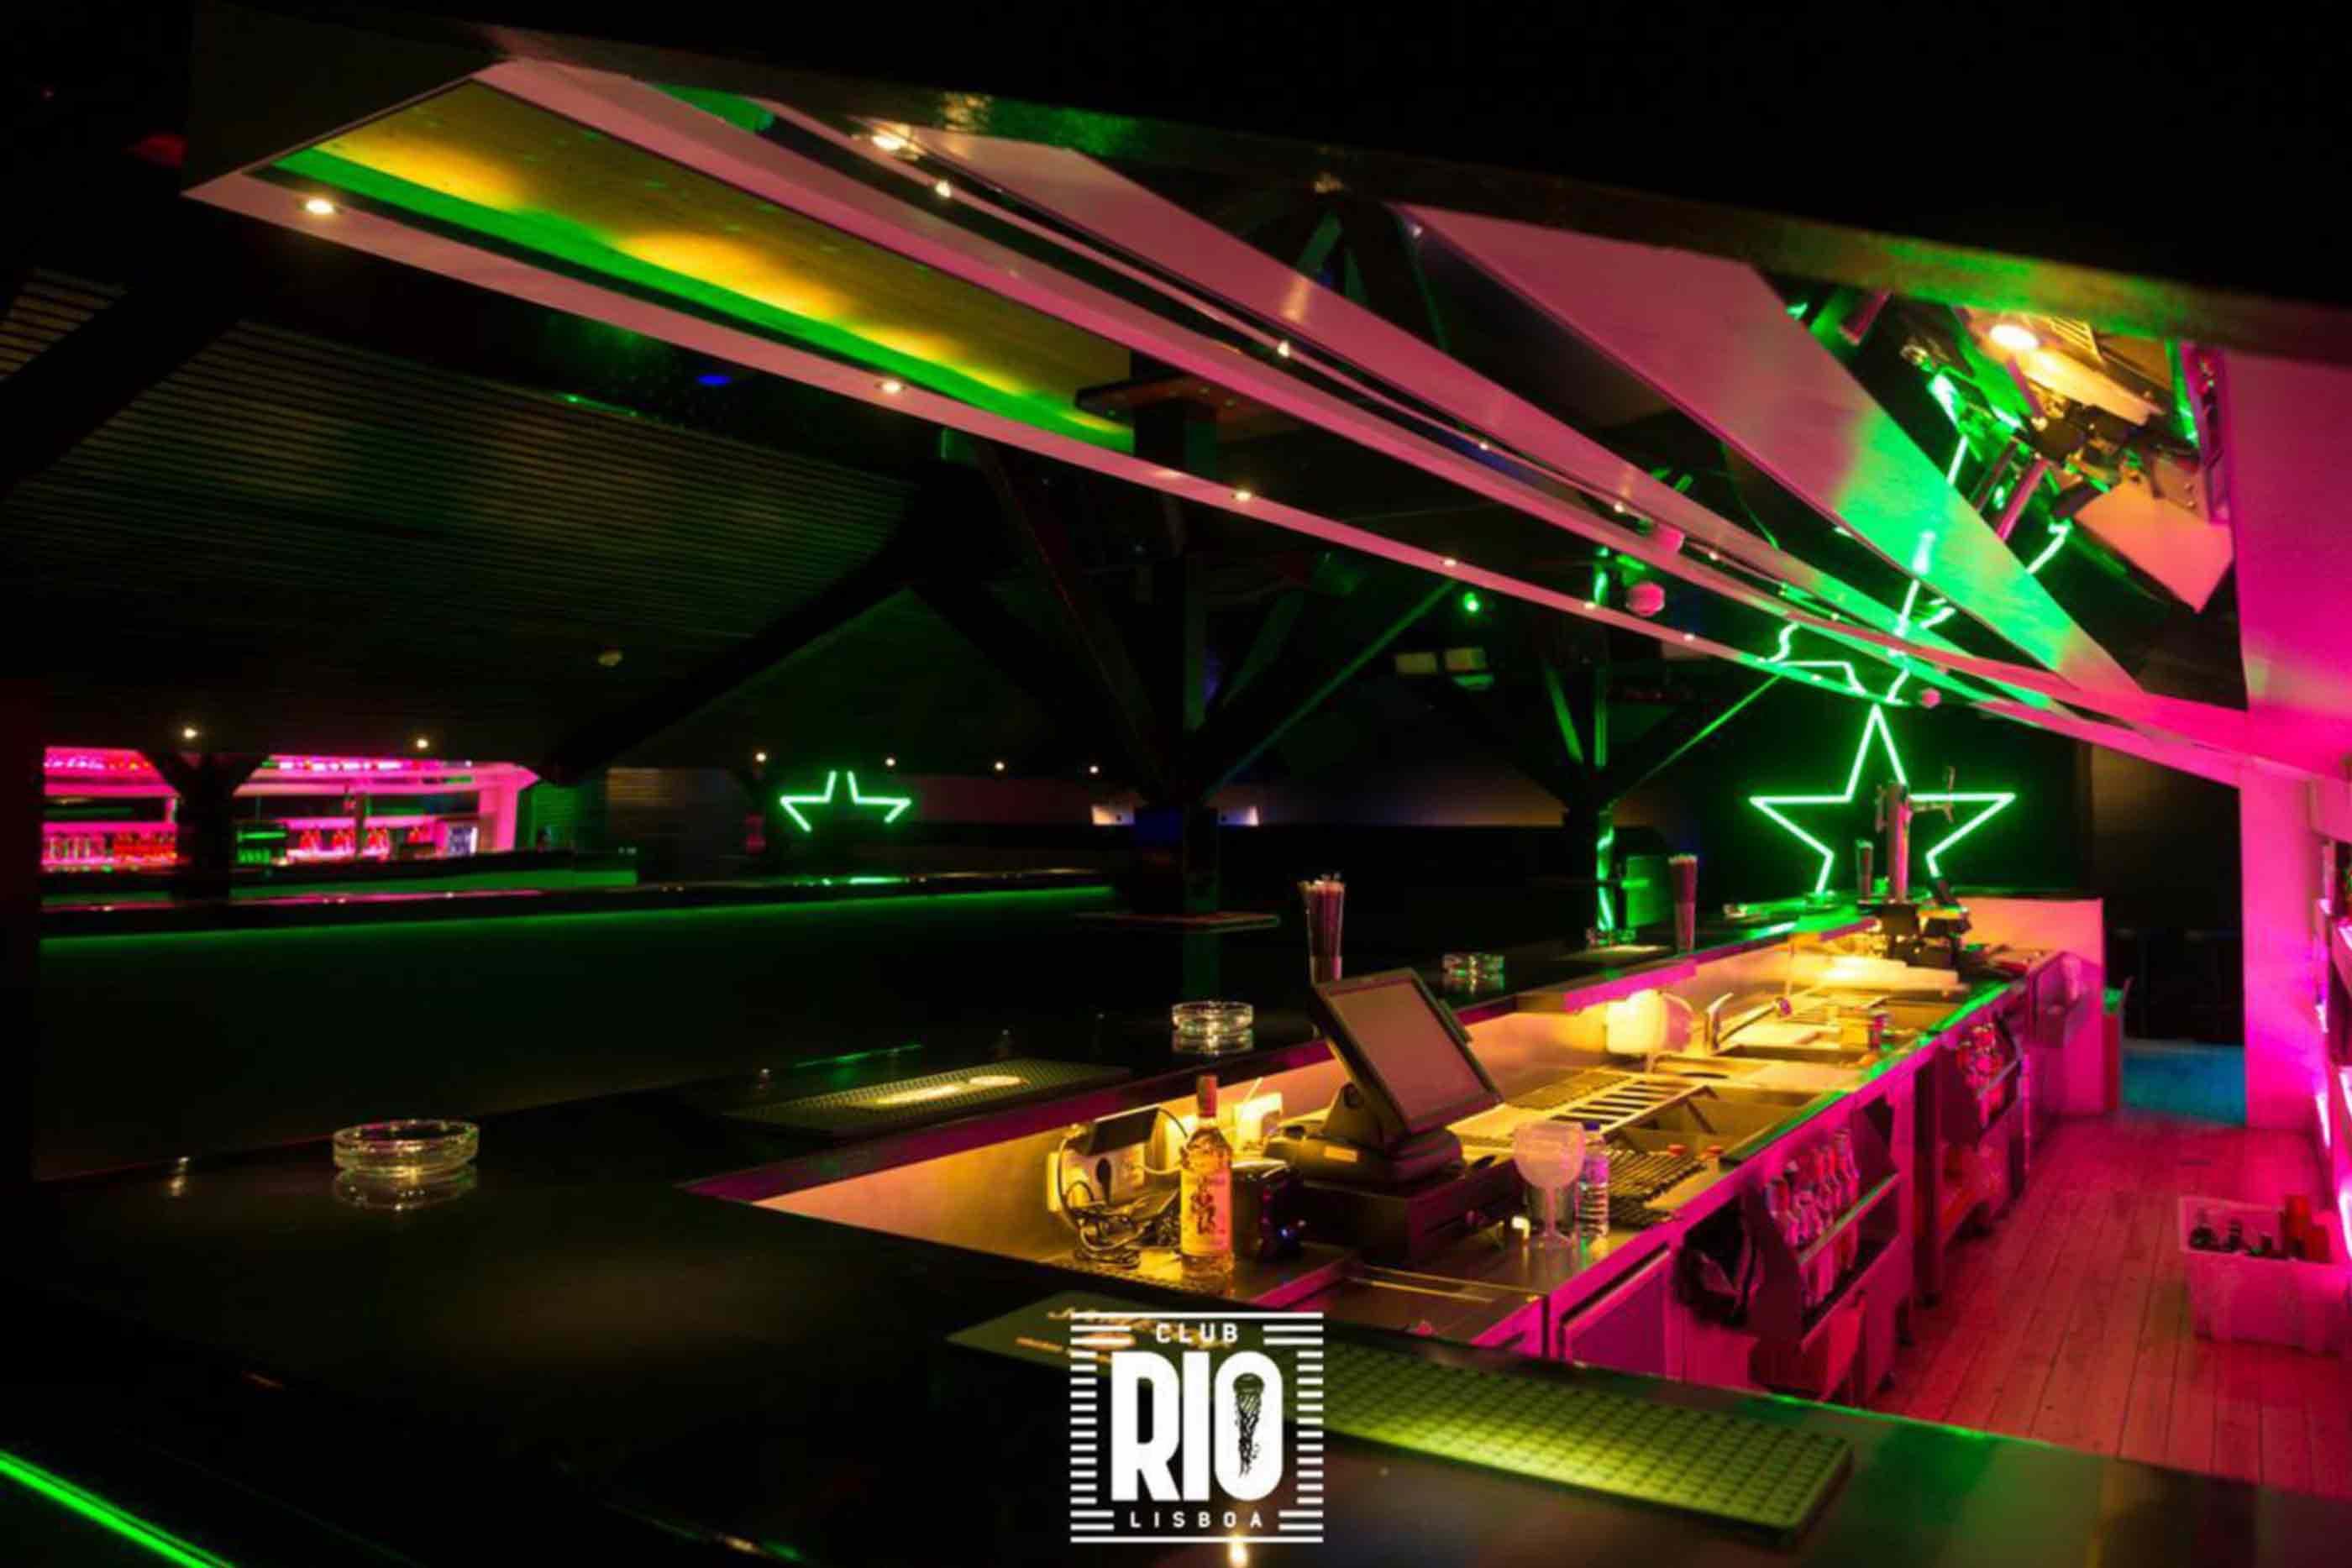 Espaço interior Club Rio Lisboa, ainda sem pessoas. Um local cheio de luz e com uma pista de dança.